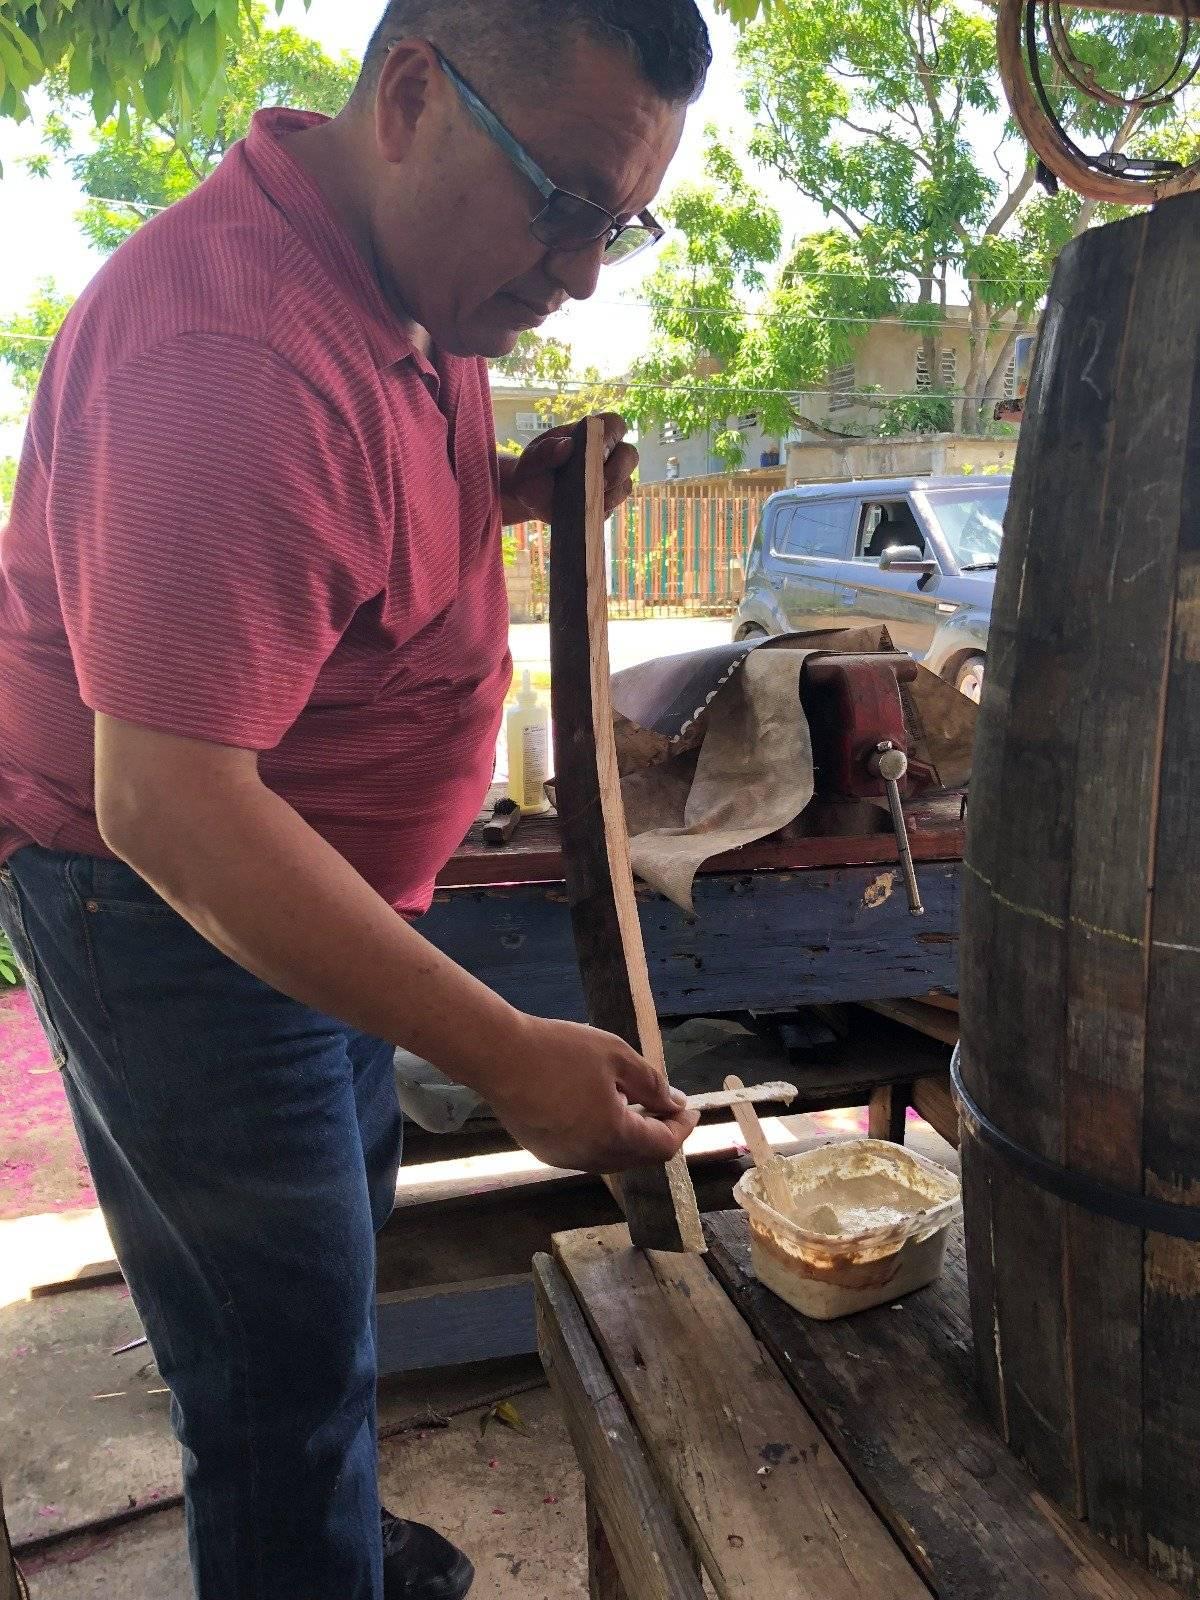 El P. Rocendo Herrera Rodríguez es el líder de la Parroquia del Espíritu Santo y San Patricio, localizada en el centro urbano en Loíza